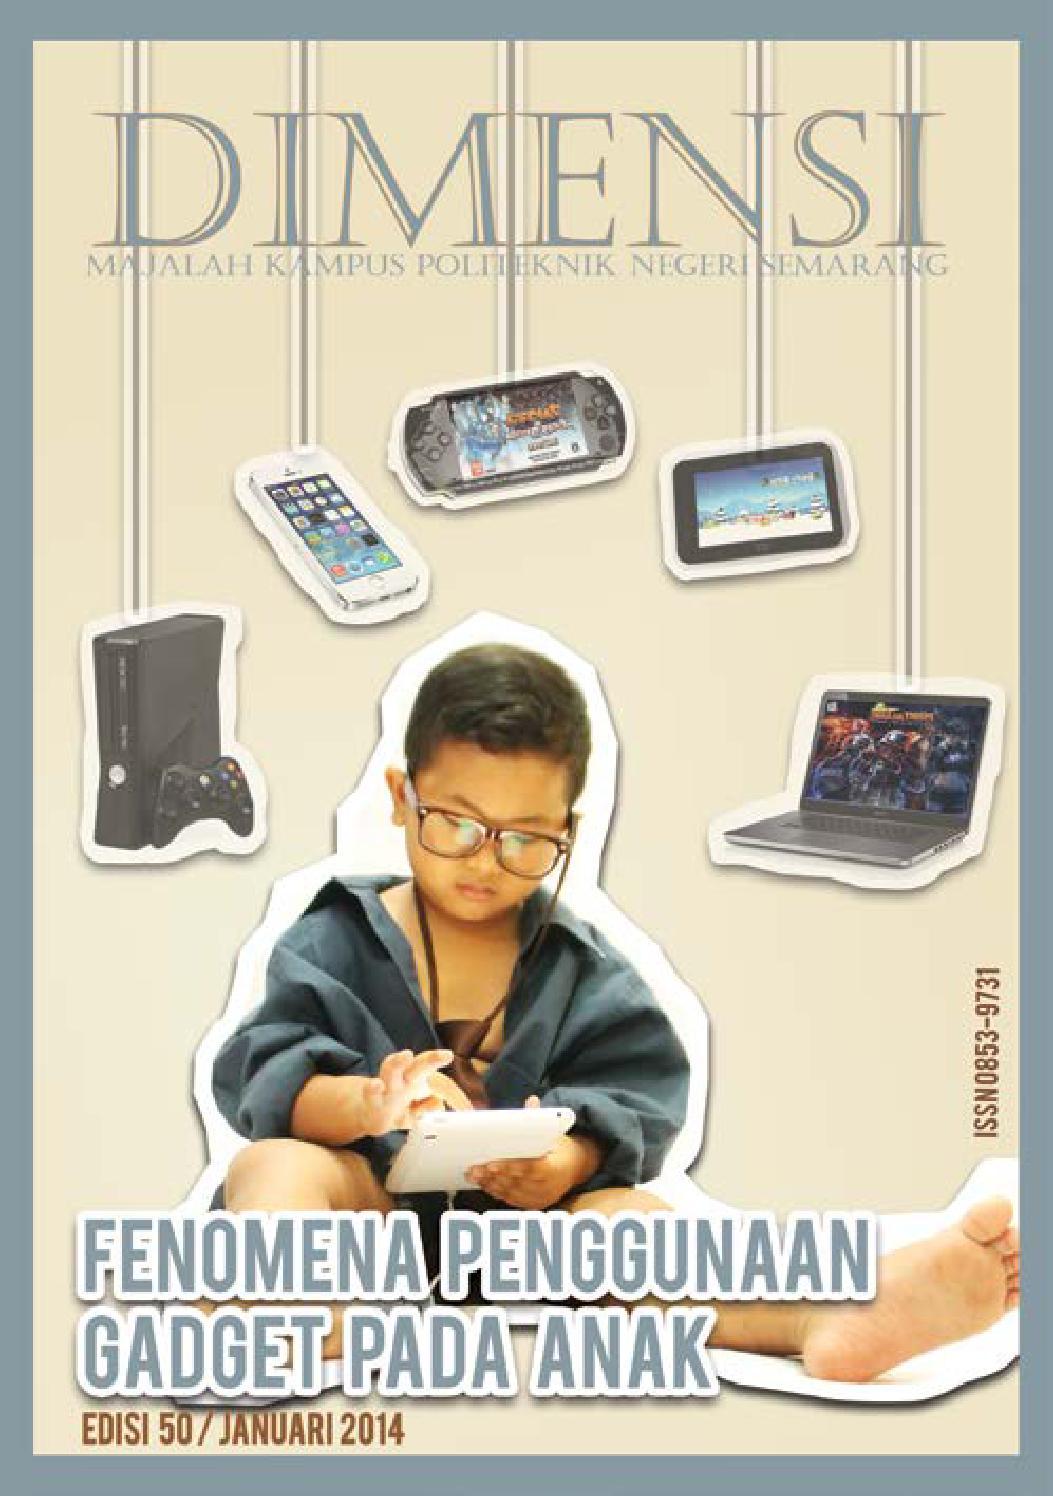 Majalah Edisi 50 LPM DIMENSI By LPM DIMENSI Issuu